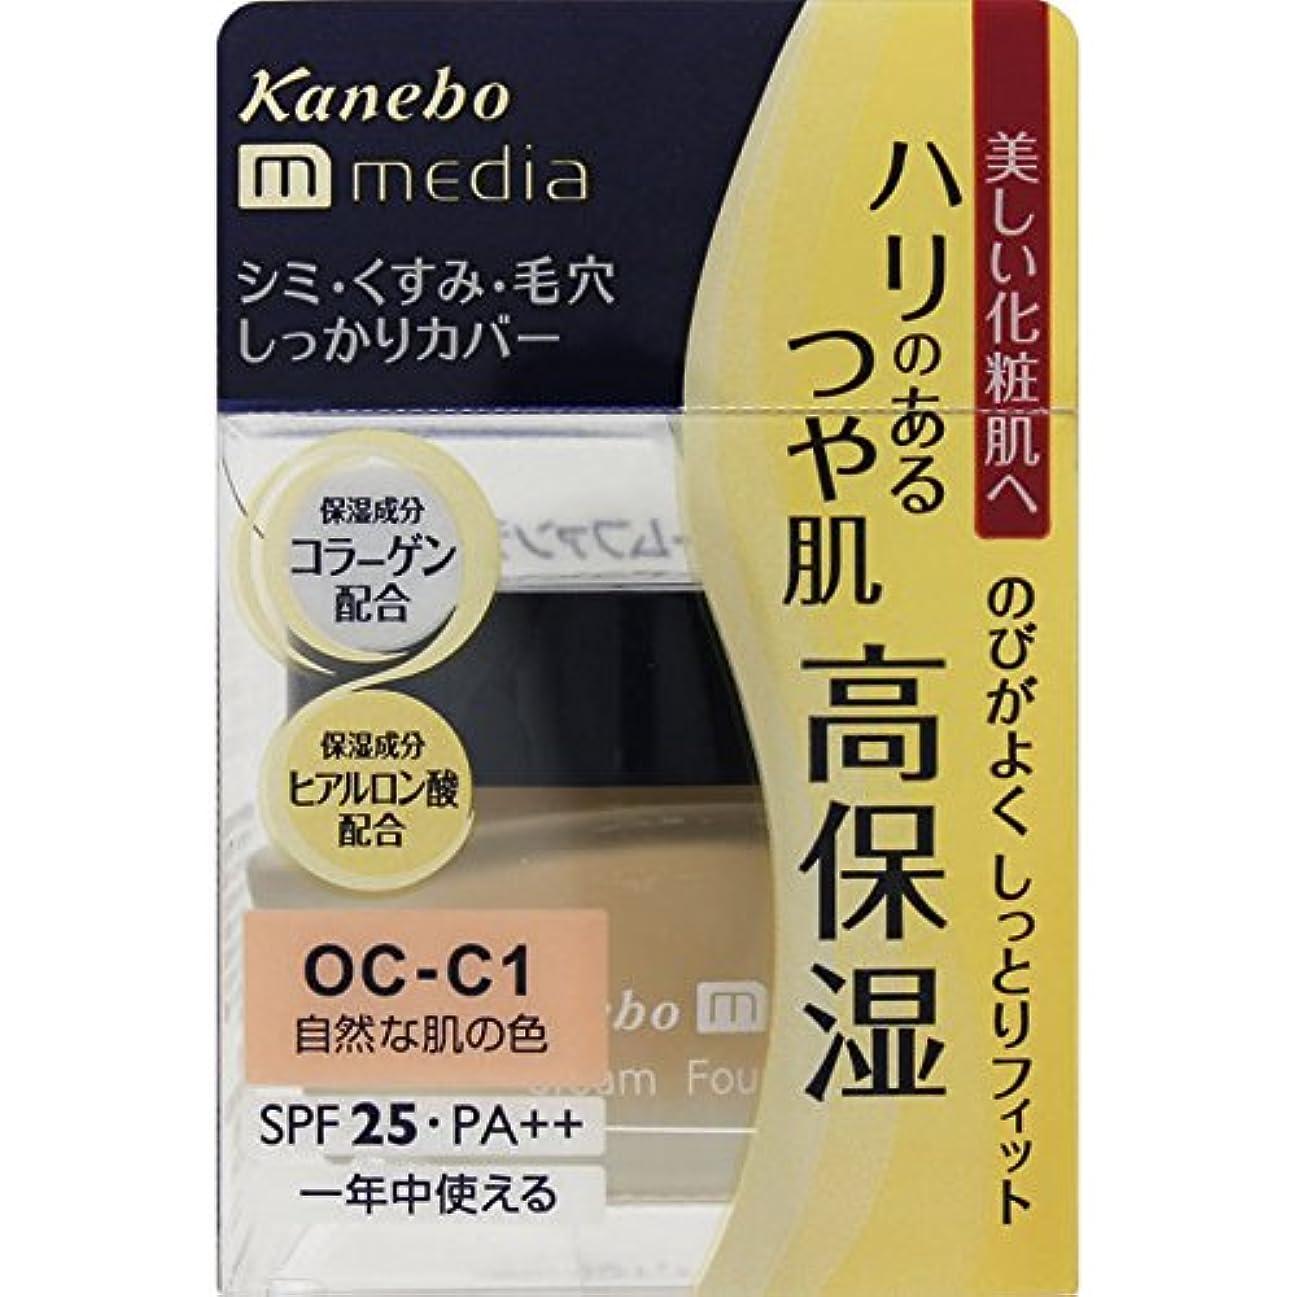 困惑した取得する広告主カネボウ media(メディア) クリームファンデーション OC-C1(自然な肌の色)